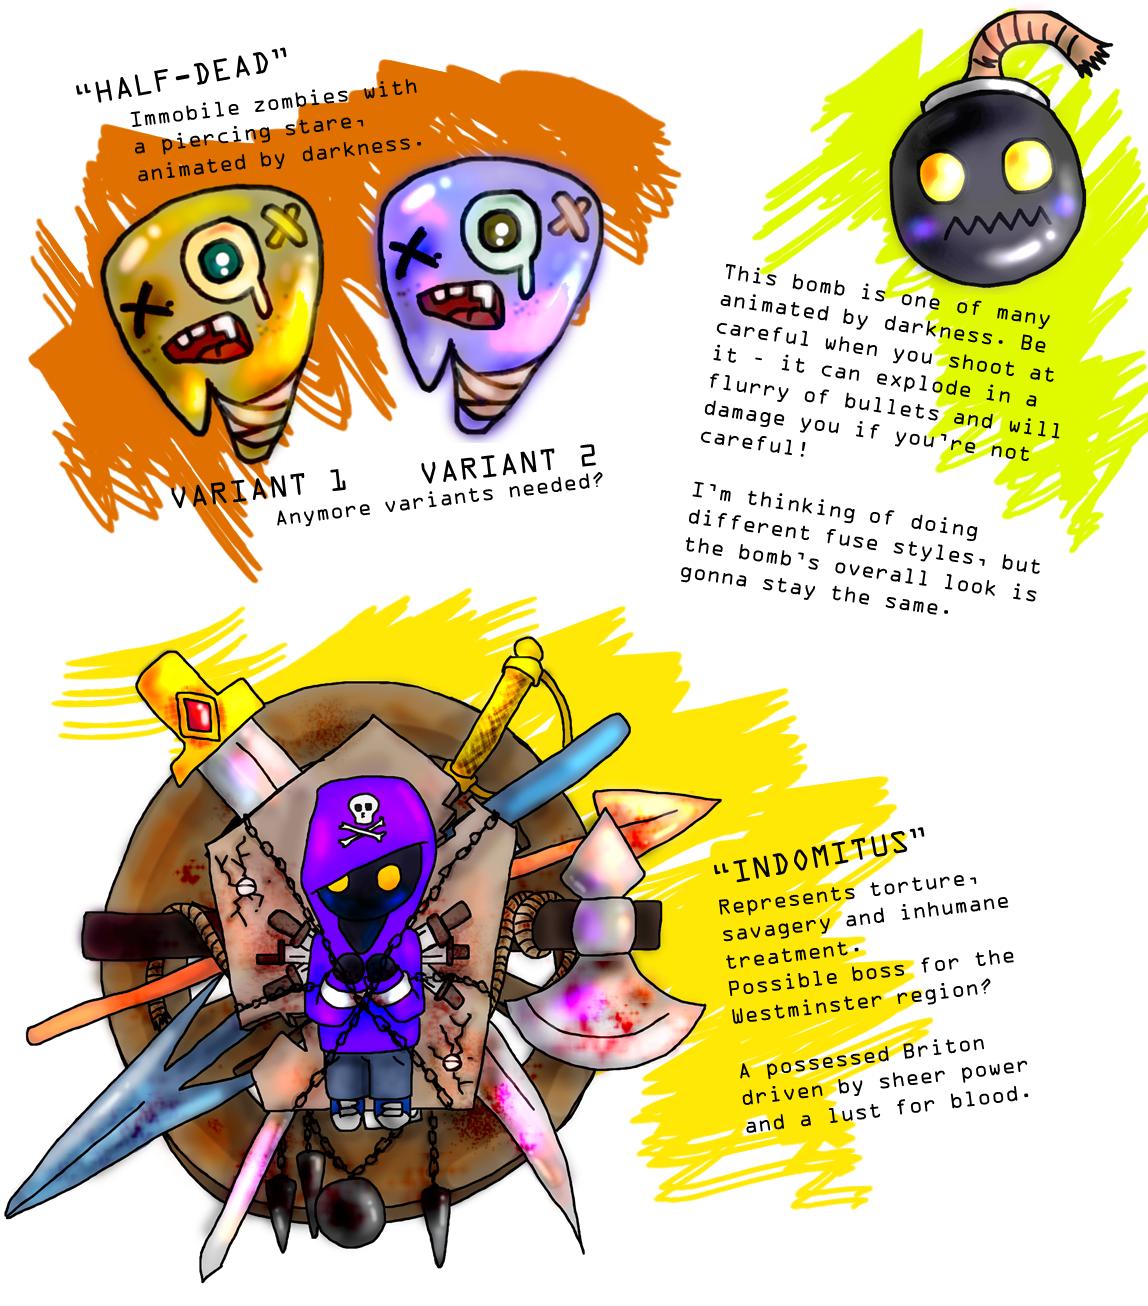 P. Chaplaincy Enemy Concepts